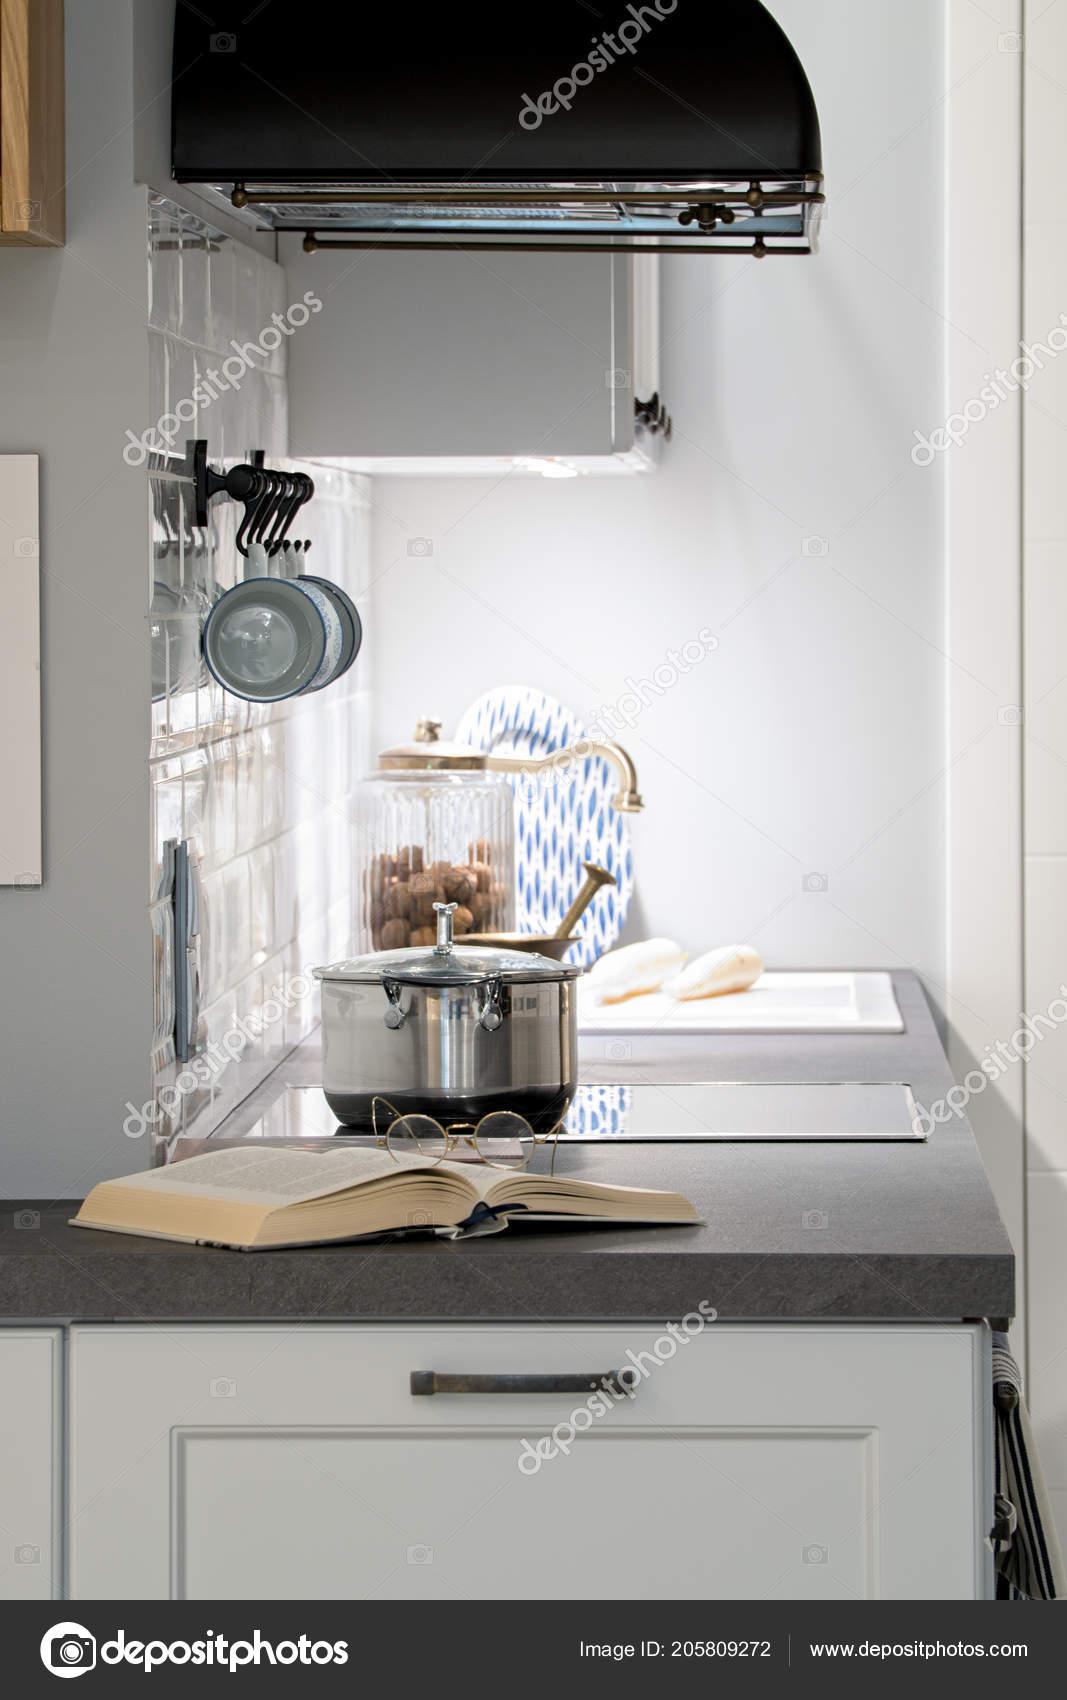 Vintage Retro Cucina Bianca Grigia Argento Vaso Libro Occhiali Cappa ...